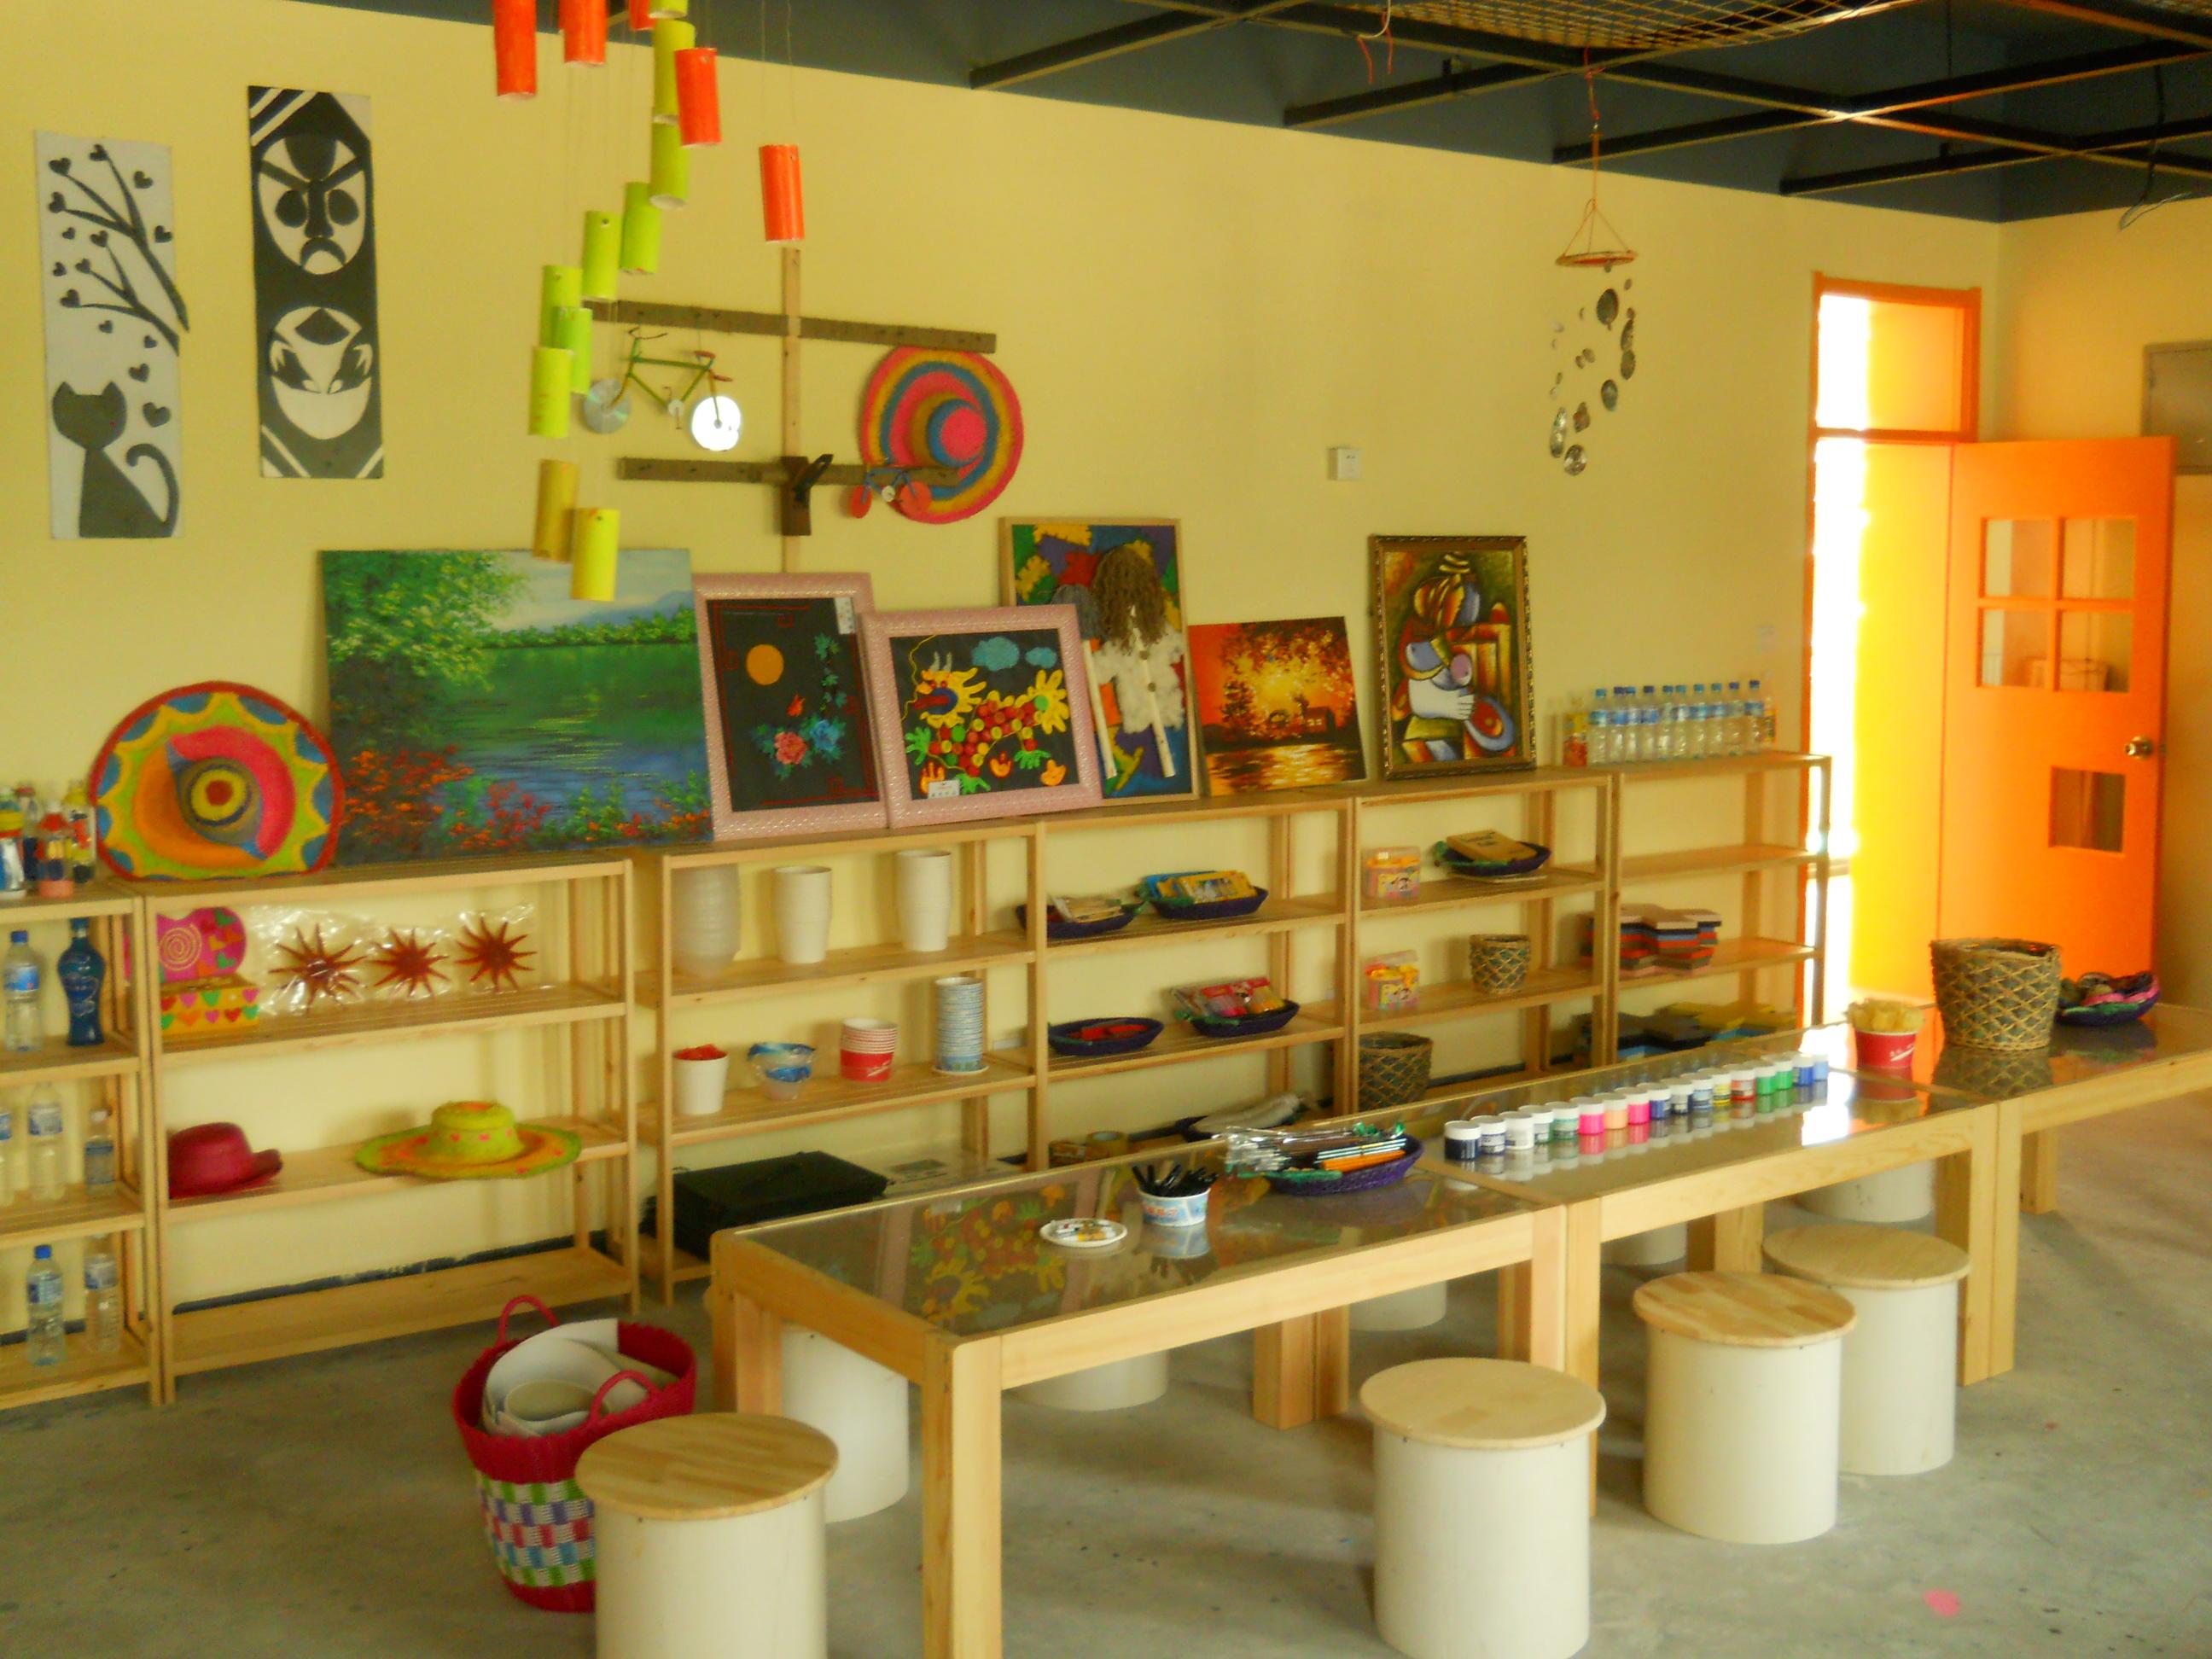 美术教室布置方案图片 幼儿园教室布置,布置幼儿园教室墙面高清图片